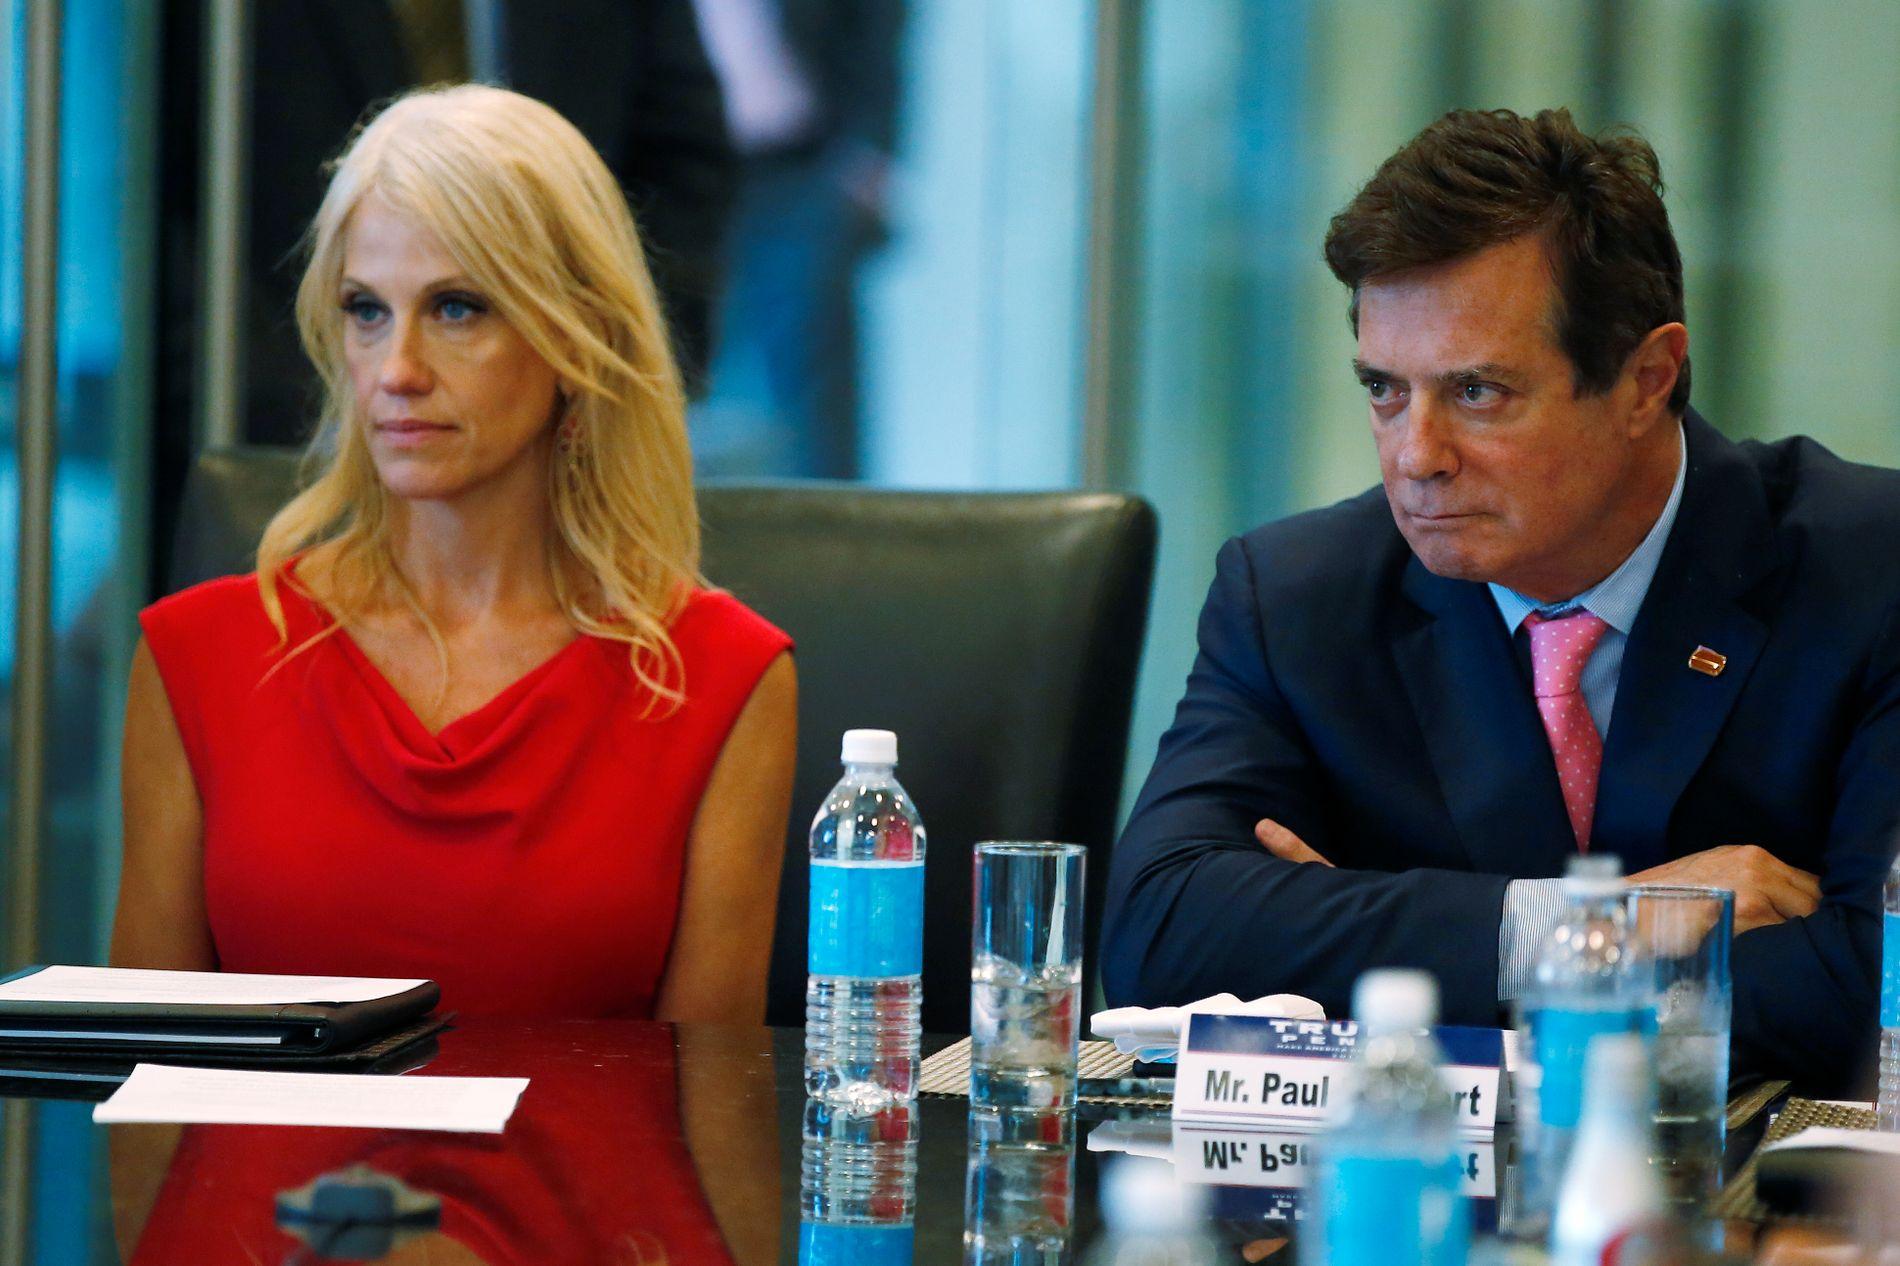 MÅTTE GÅ: Her er Paul Manafort 17. august 2016, bare to dager før han ble fjernet, med Trump-rådgiver Kellyanne Conway ved sin side.